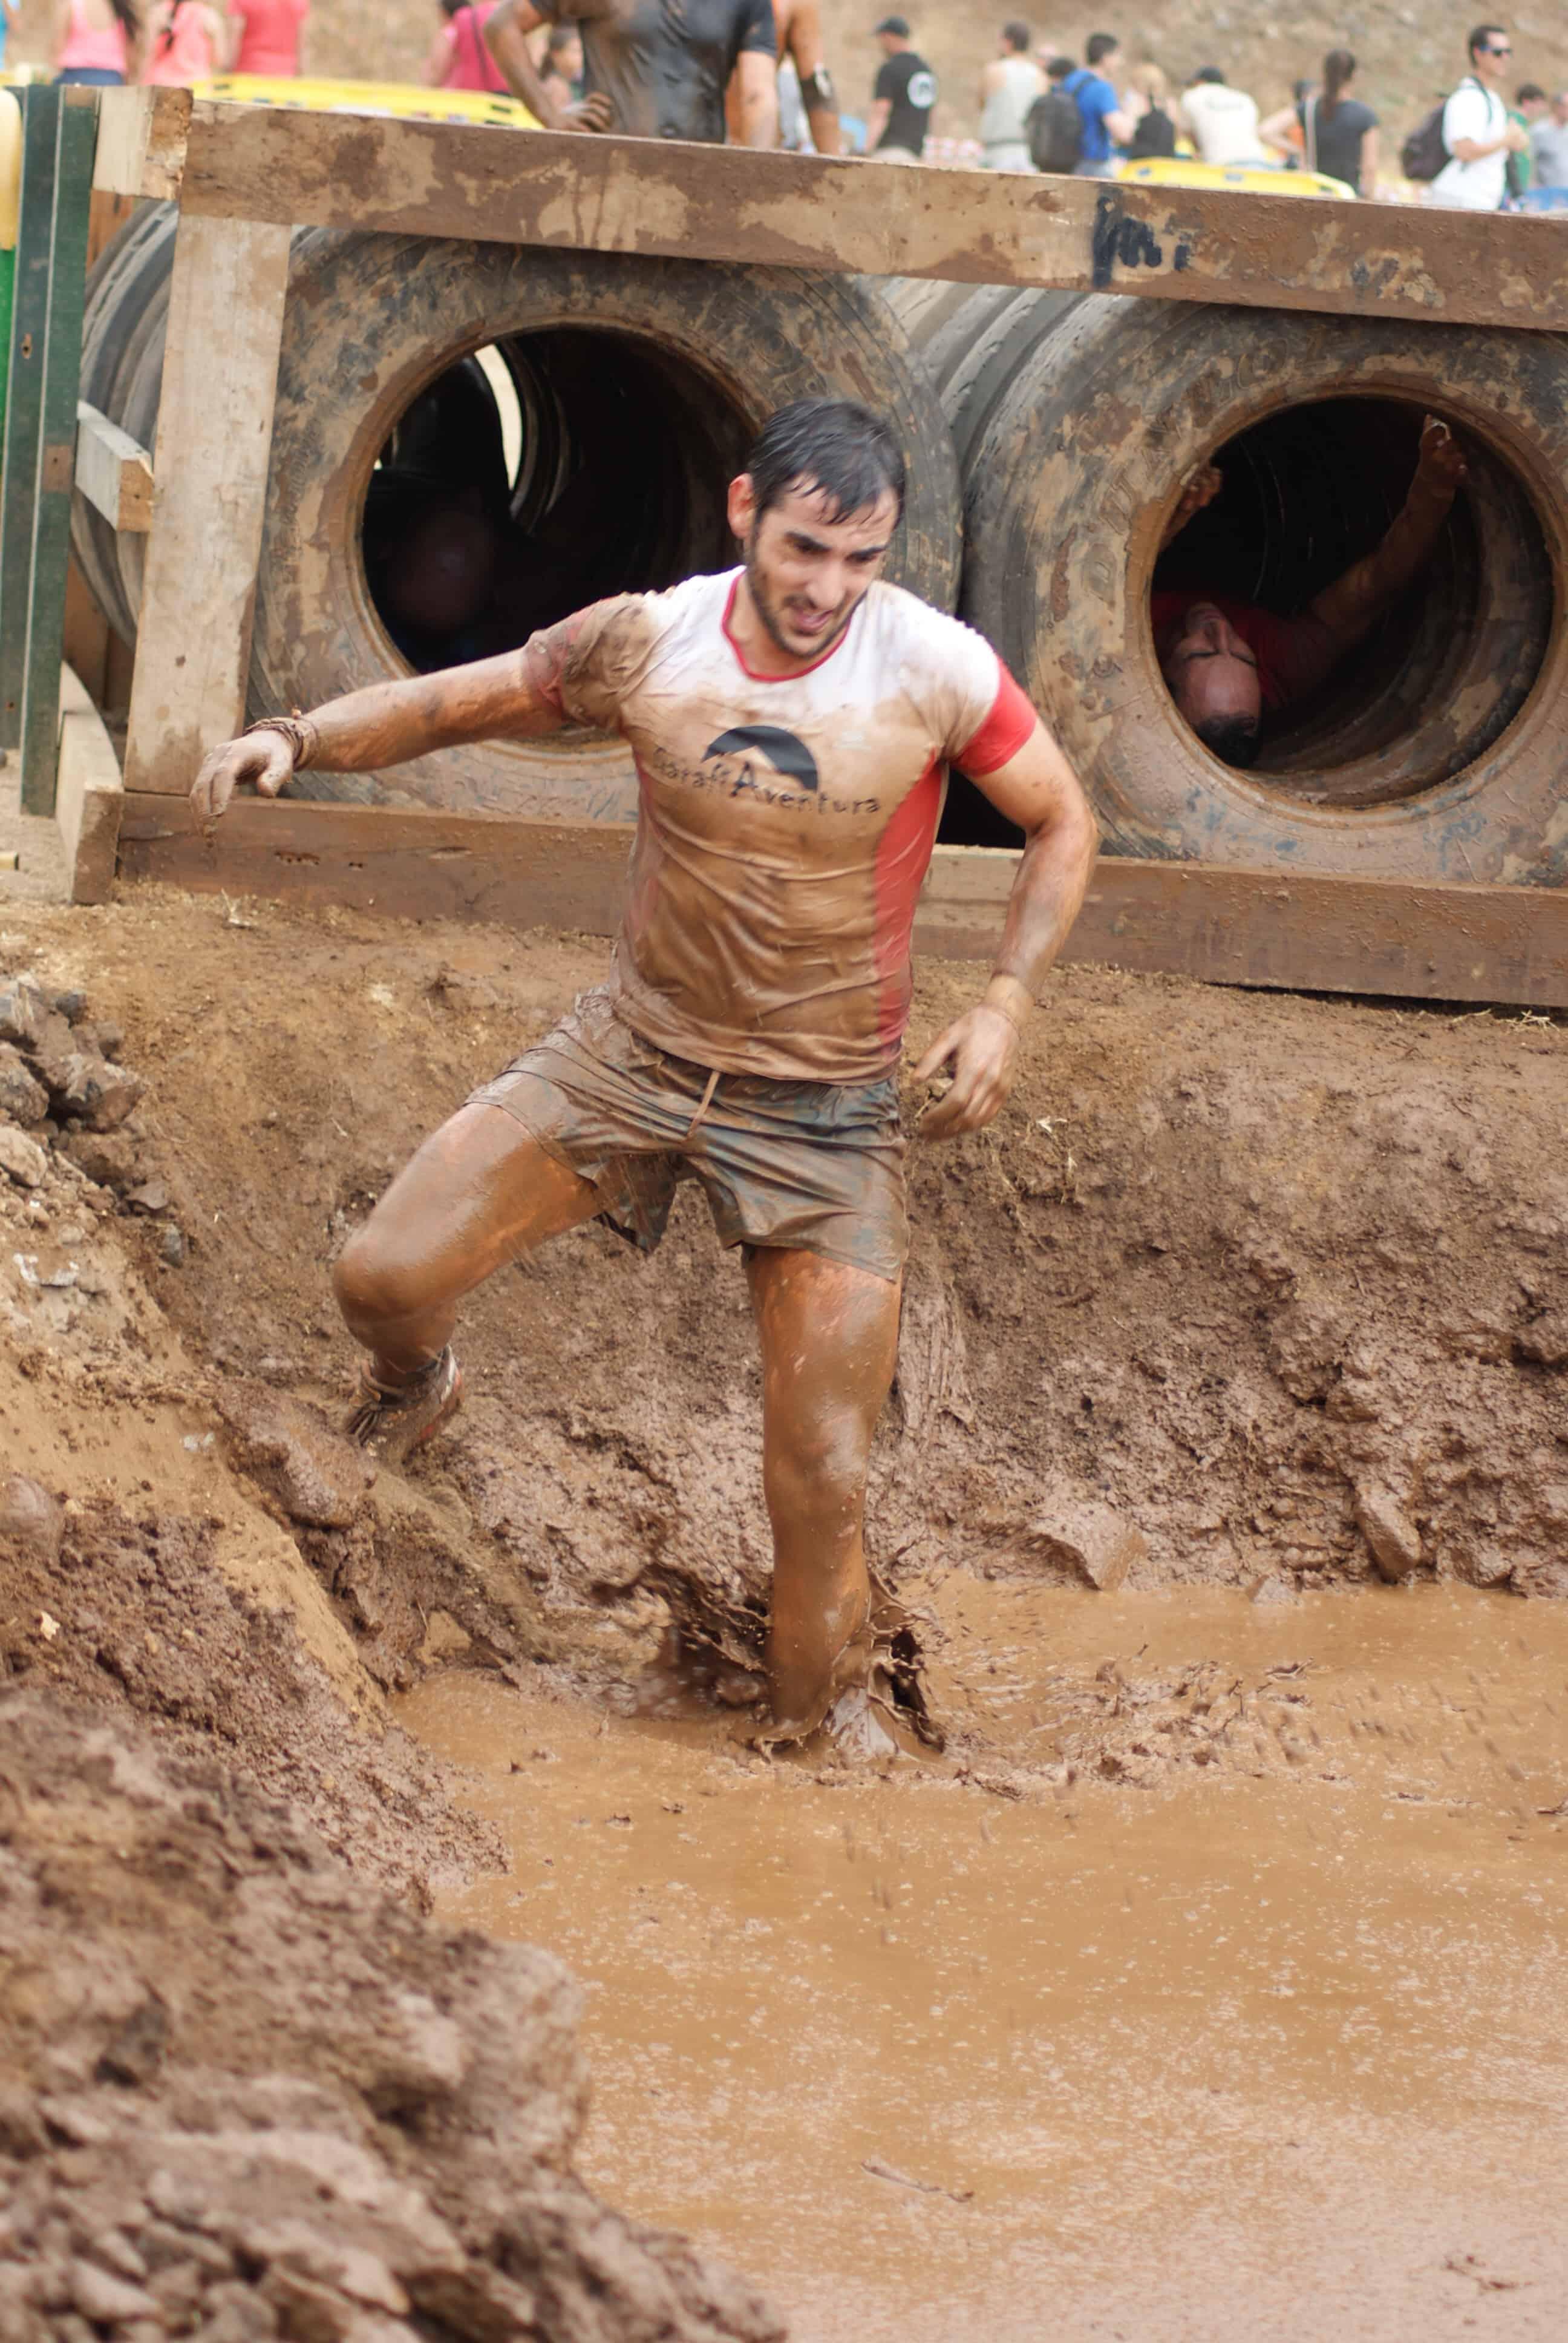 """Quedan pocos días para """"Lo Natural Extremo"""" prueba deportiva muy novedosa a nivel insular"""